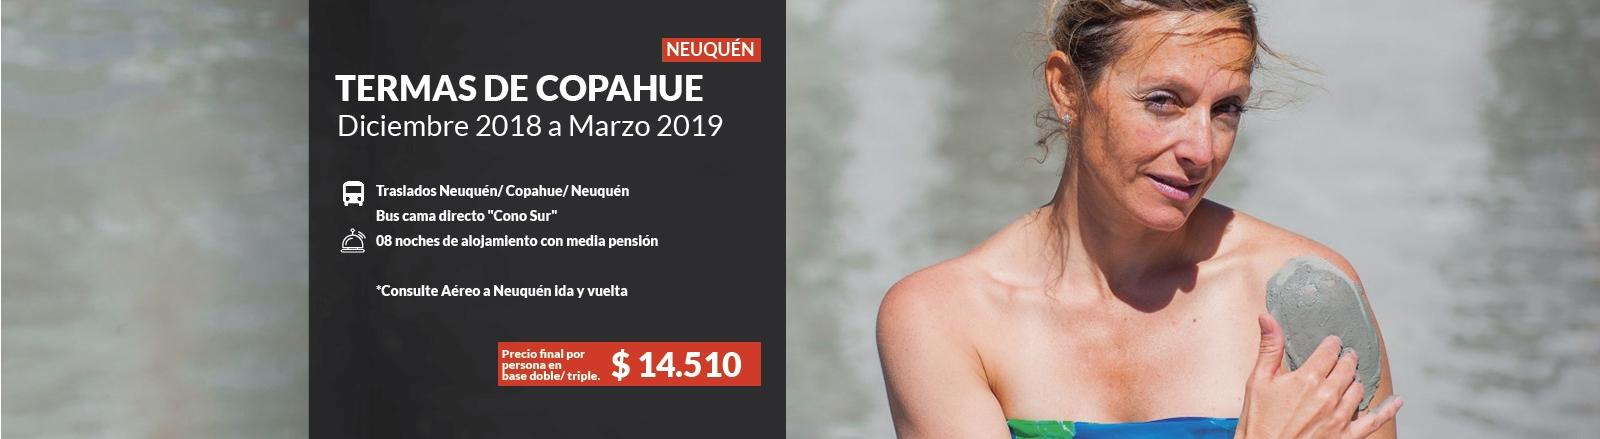 Termas de Copahue - Neuquén